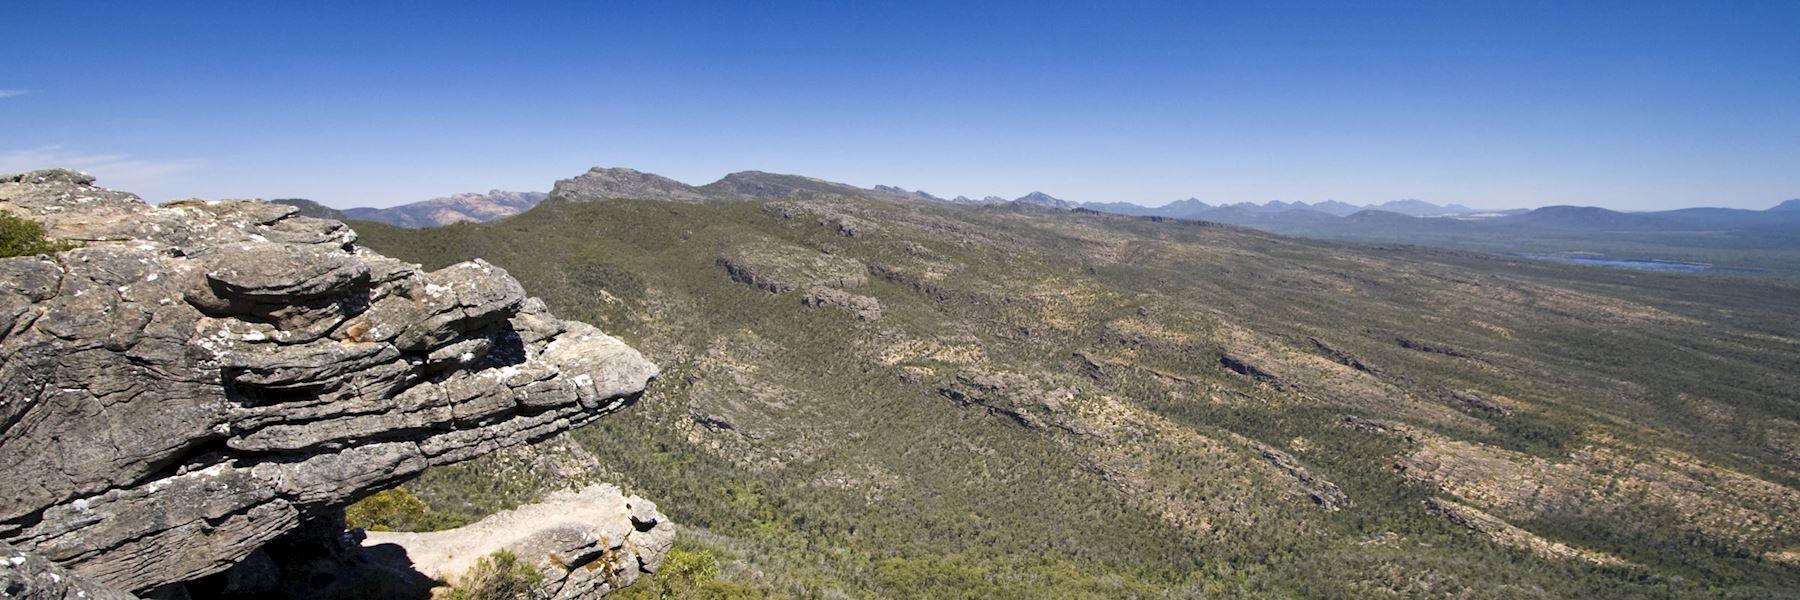 Visit the Grampians National Park, Australia